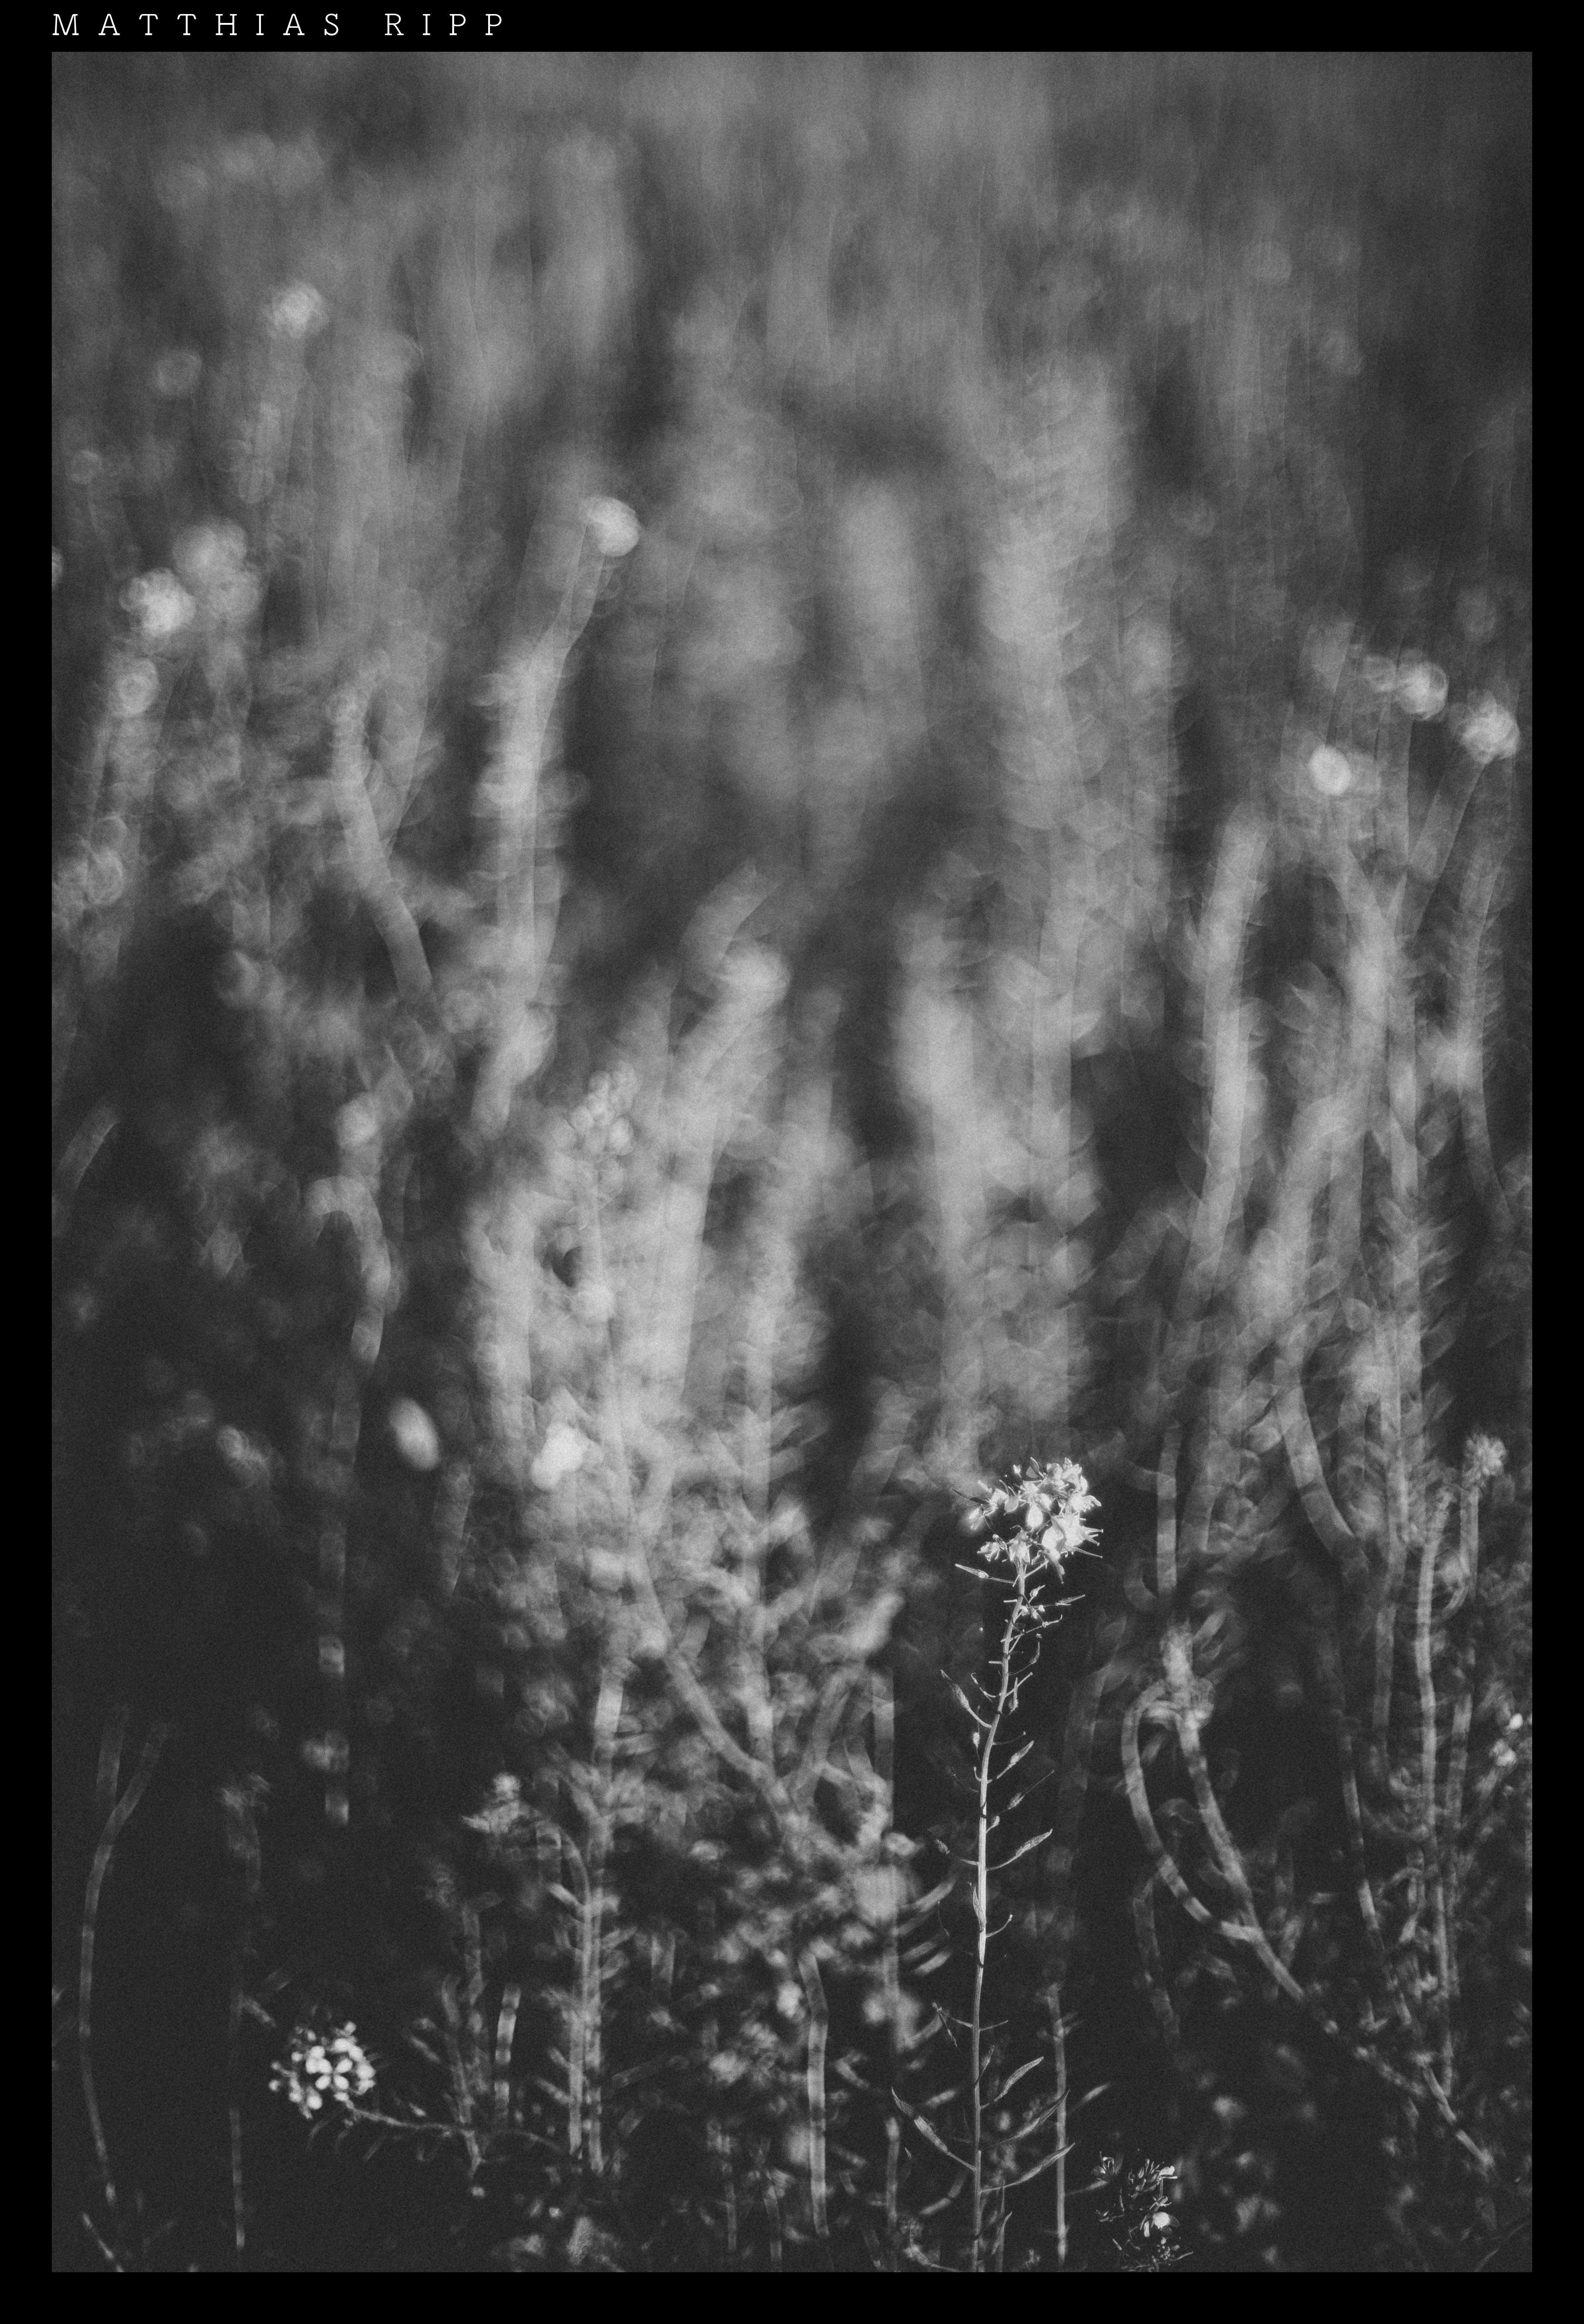 Kostenlose foto : Natur, Schwarz und weiß, Weiß, Textur, Blume ...